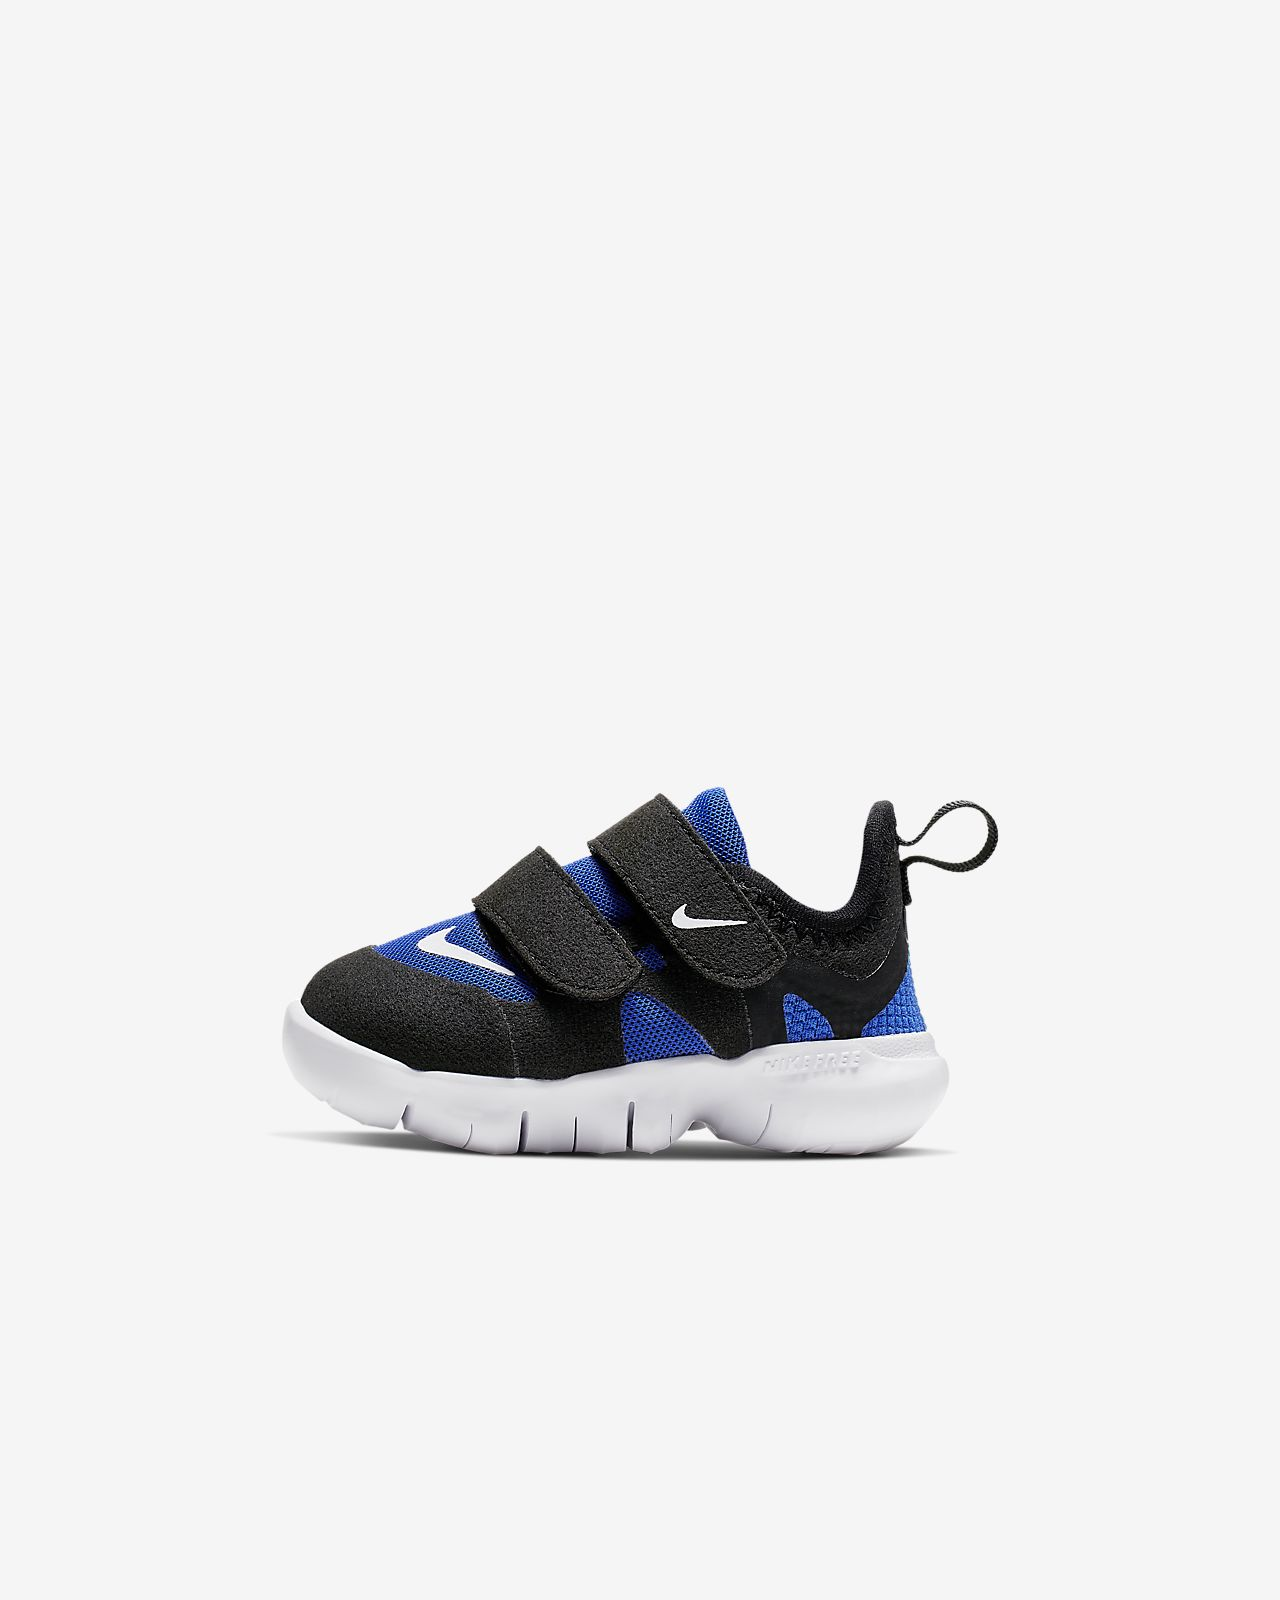 Nike Free RN 5.0 Schoen voor baby's/peuters